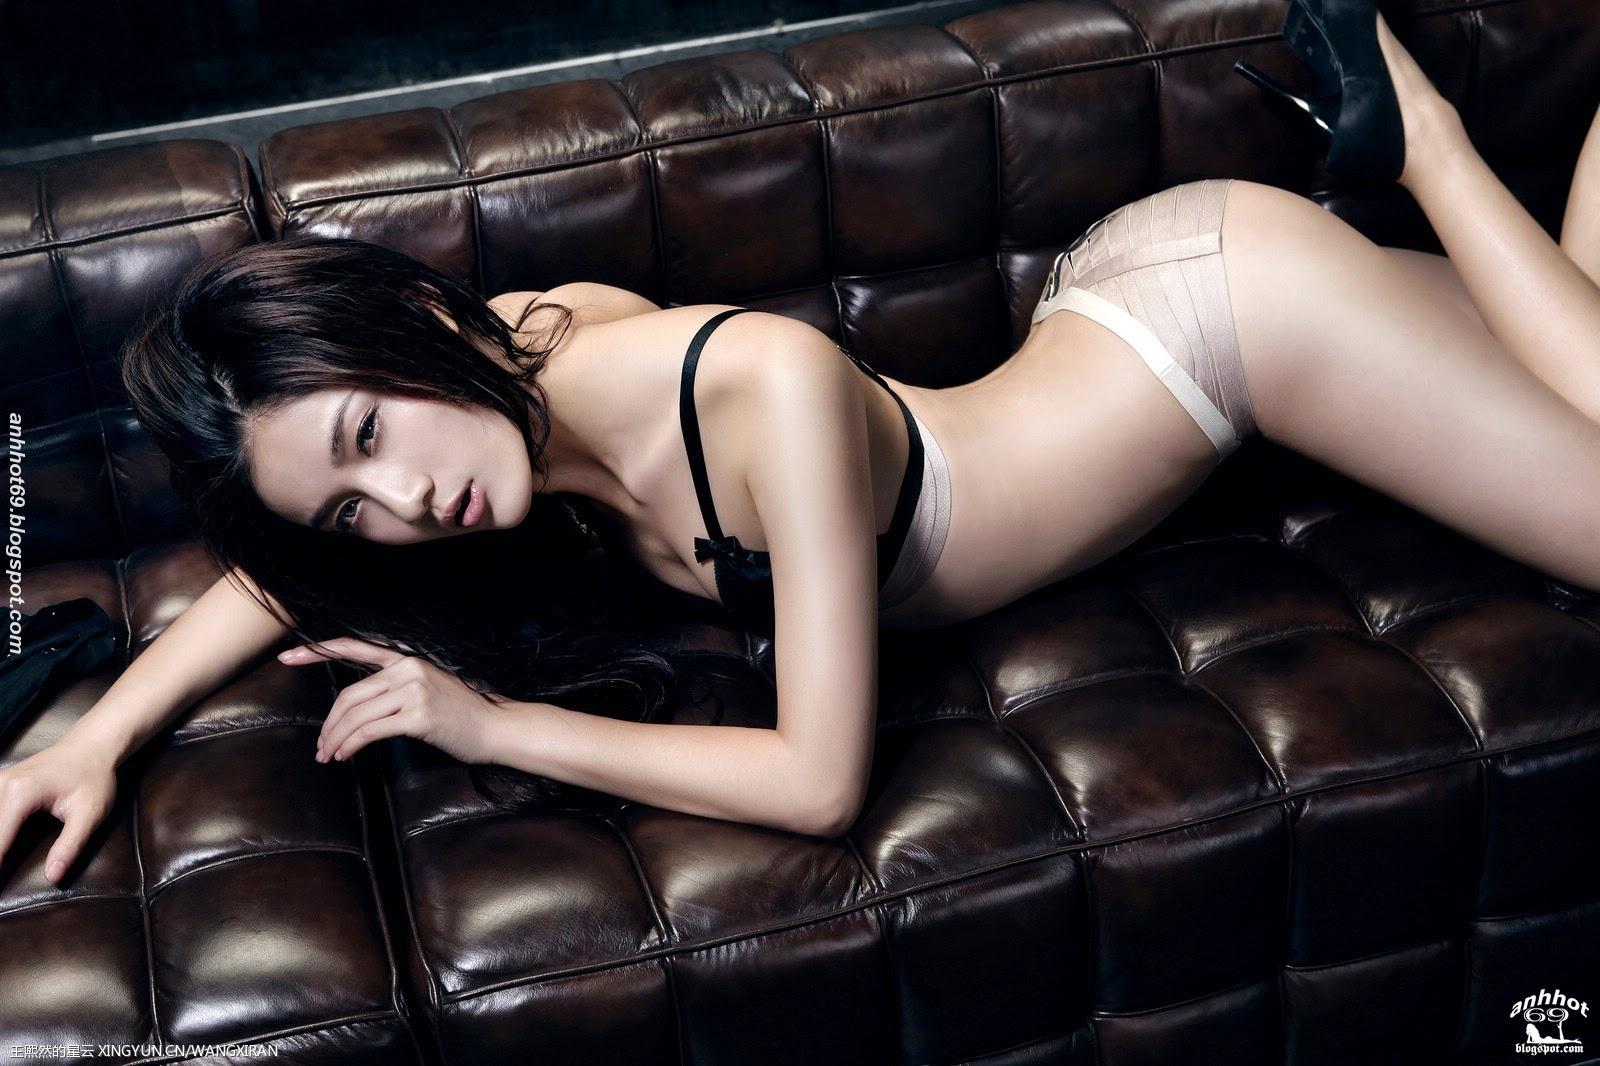 wang-xi-ran_100200888153_523181